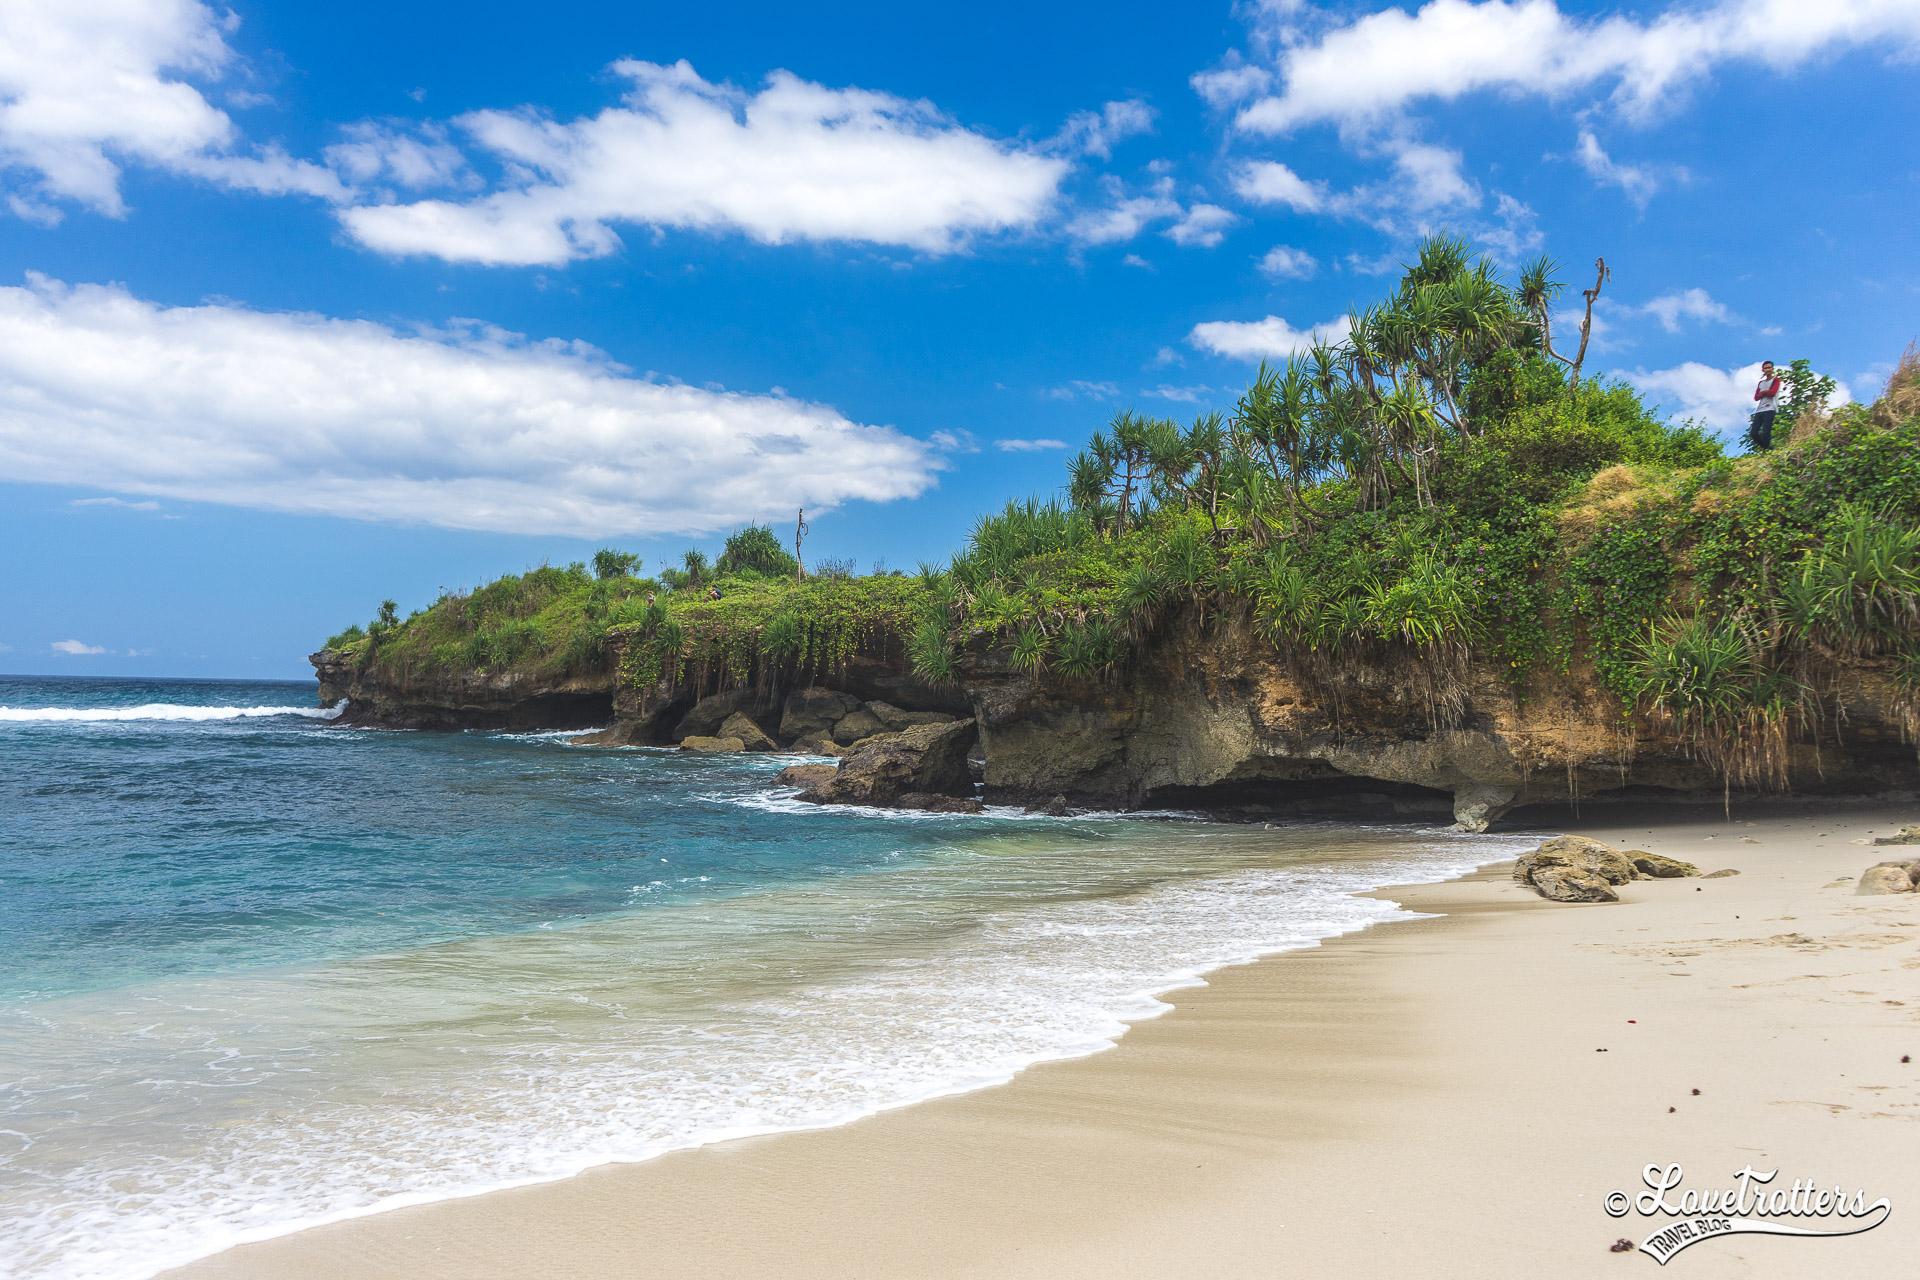 Voyage à Bali hors des sentiers battus - plage blanche de nusa lembongan